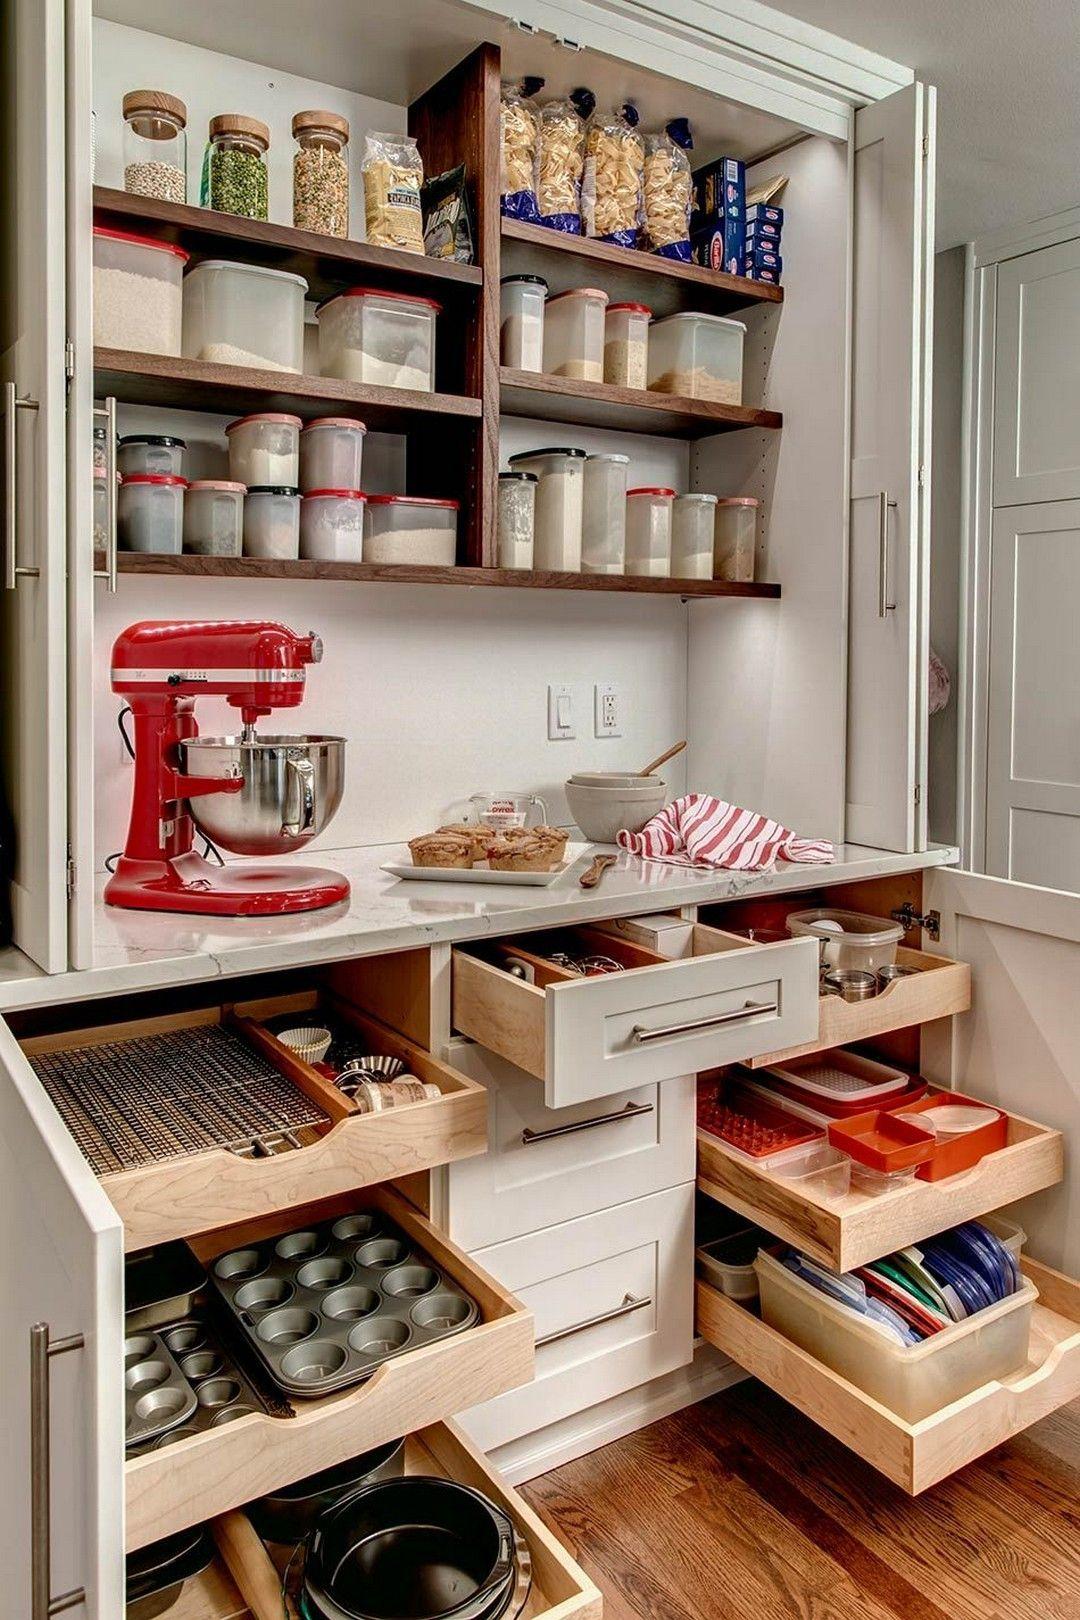 Lovely DIY Kitchen Storage Ideas To Maximize Kitchen Space 33